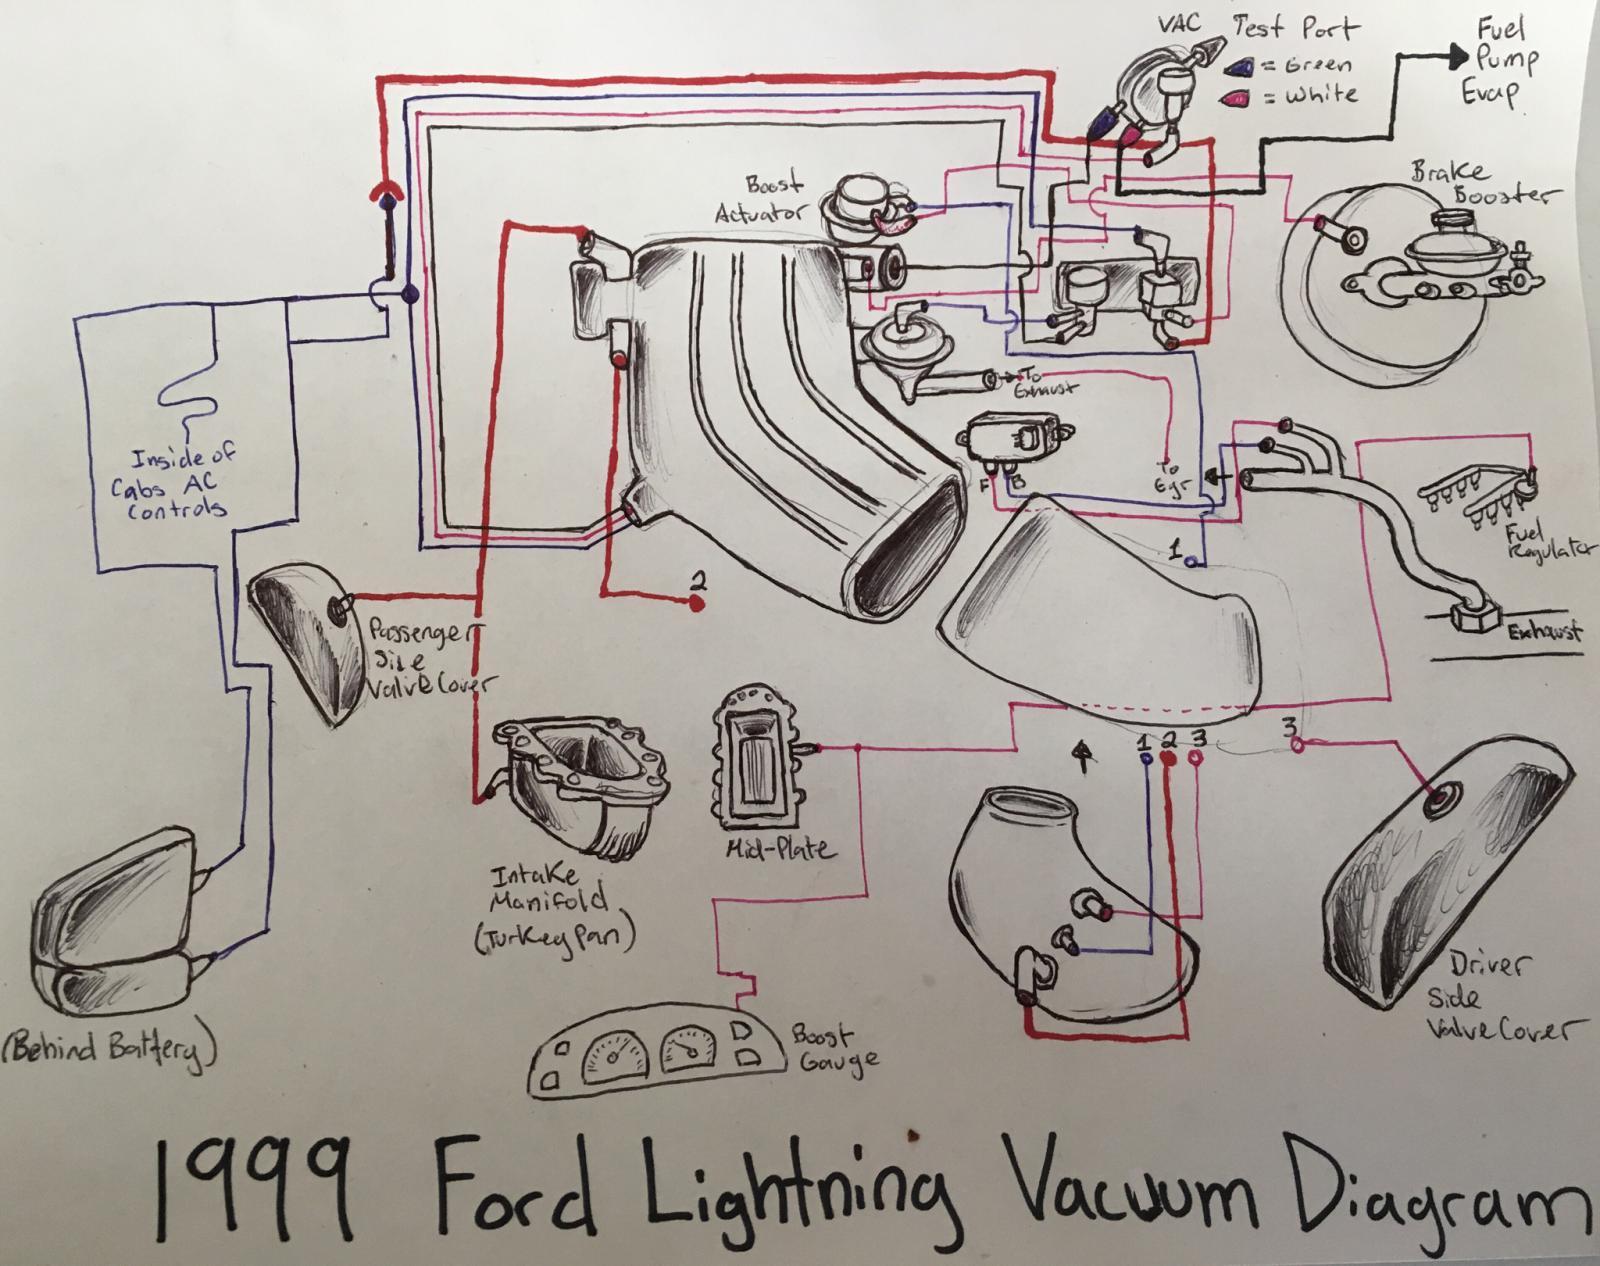 1999 Ford Lightning Vacuum Diagram   Lightning RodderLightning Rodder